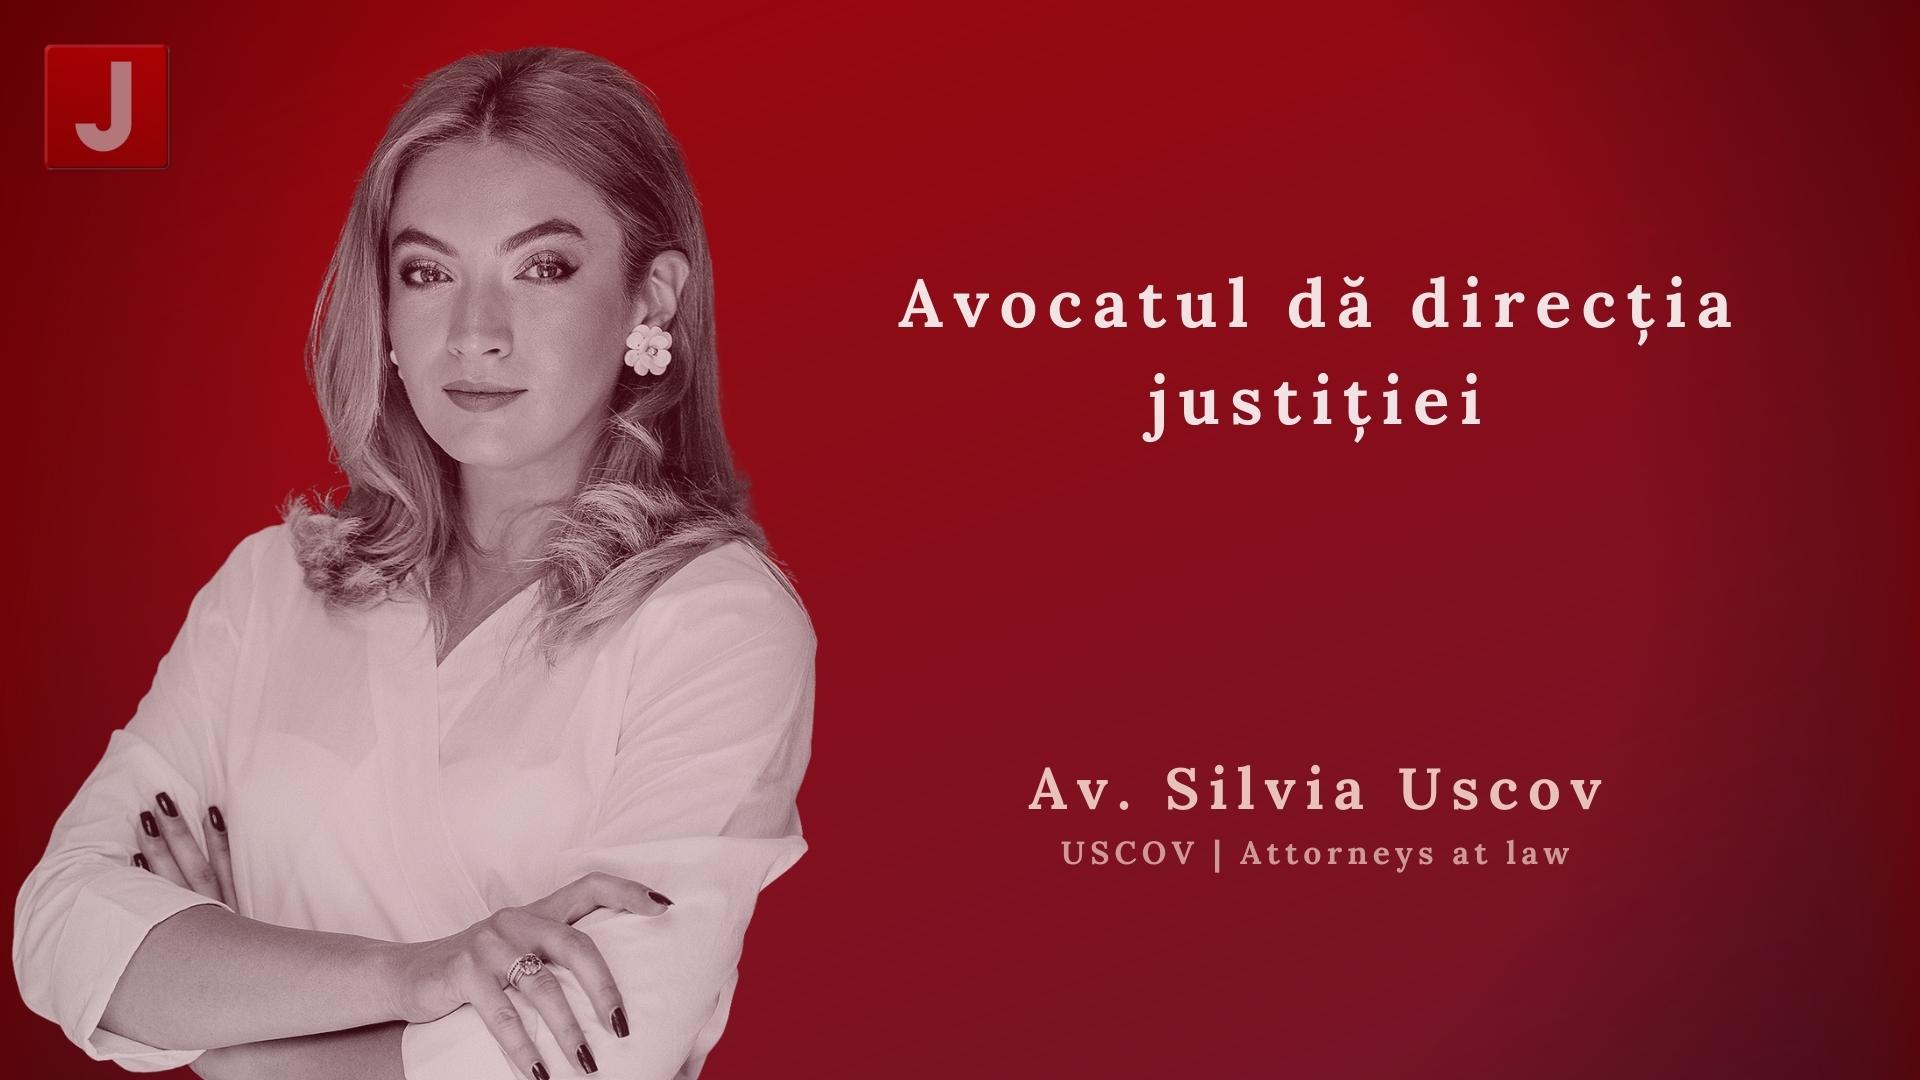 Silvia Uscov: Avocatul dă direcția justiției